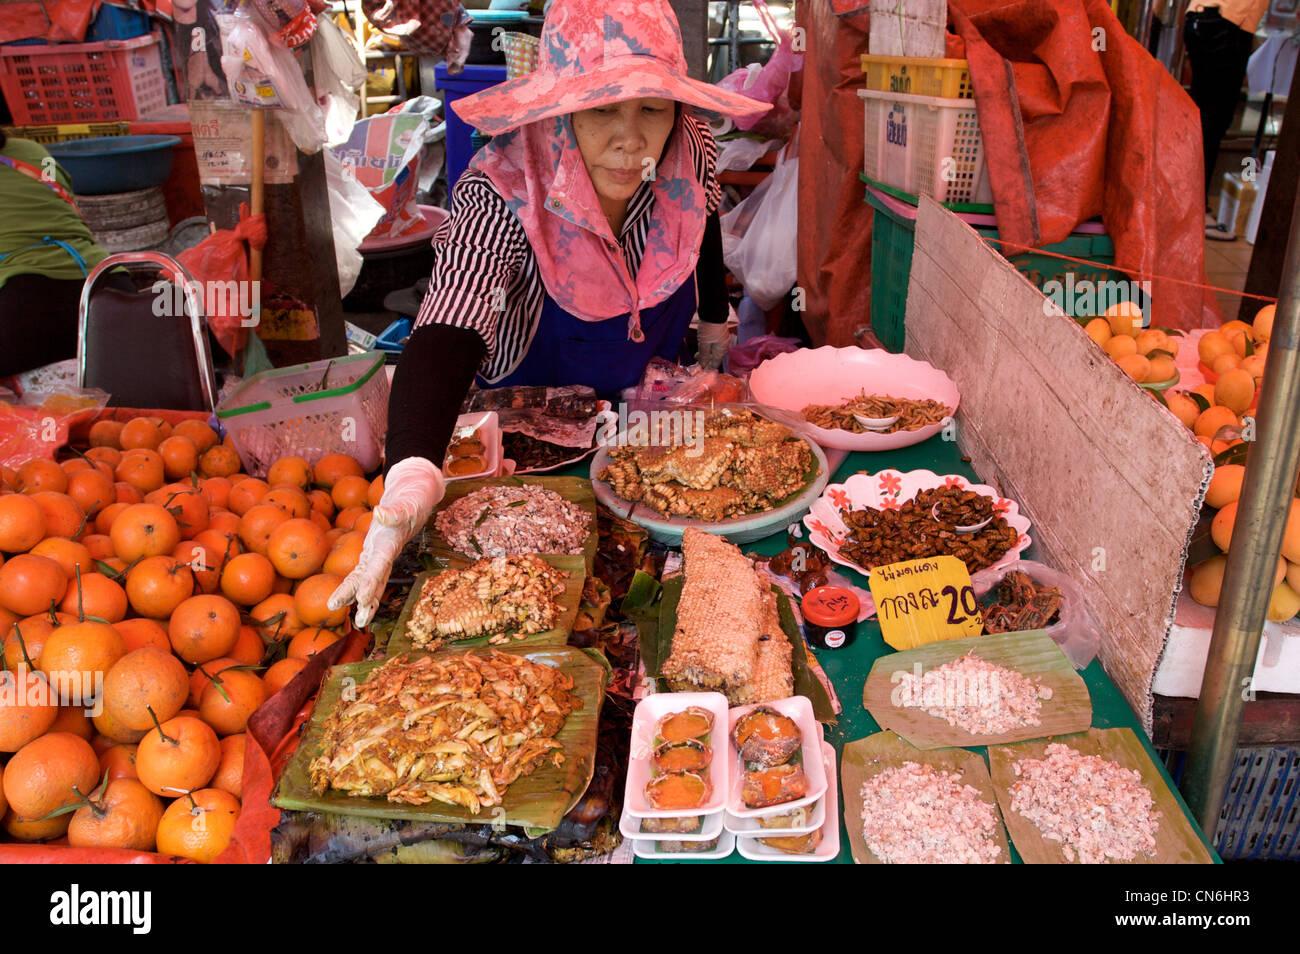 lokalen Lebensmittelgeschäft, Meeresfrüchte, Obst, Waben, Delikatesse, Chiang Mai, Kad-Kuang, Chiang Mai, Stockbild